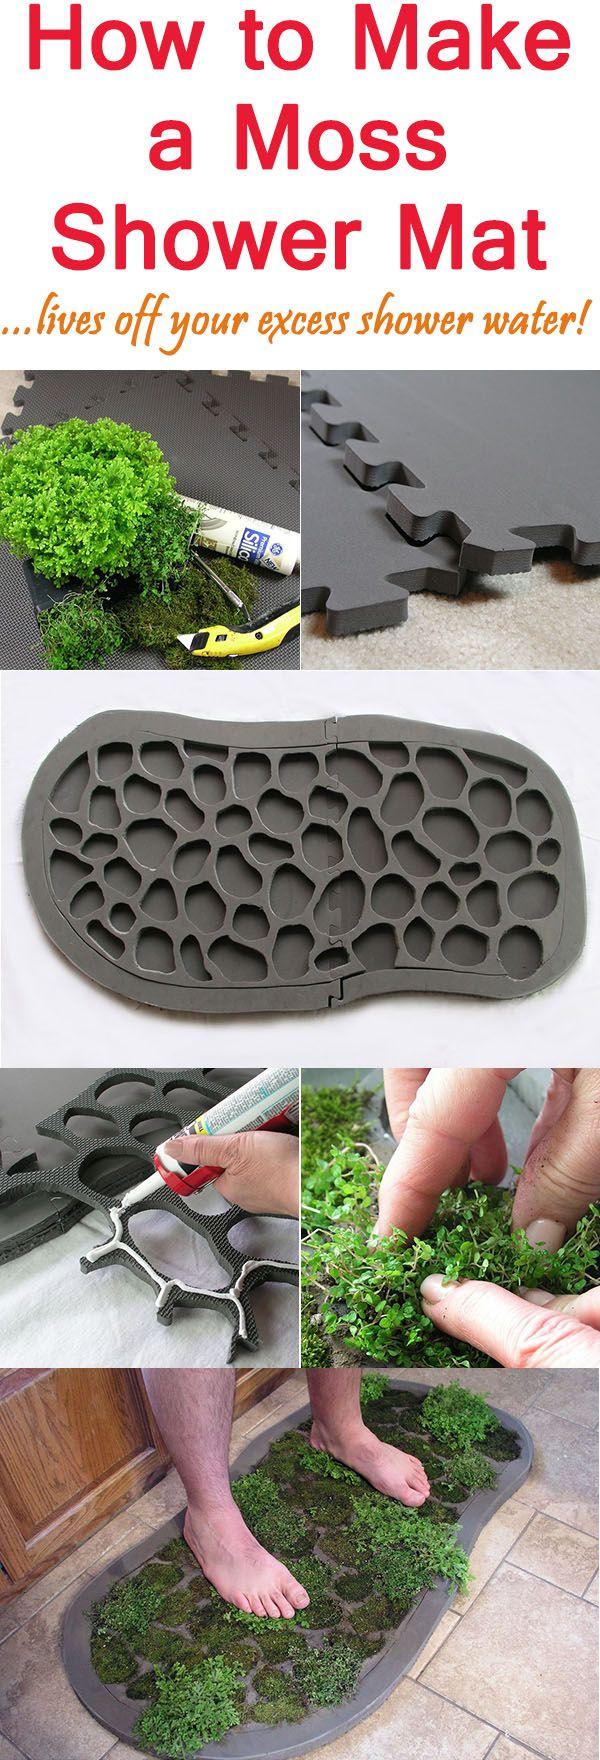 How to make a moss shower mat water for Moss shower mat